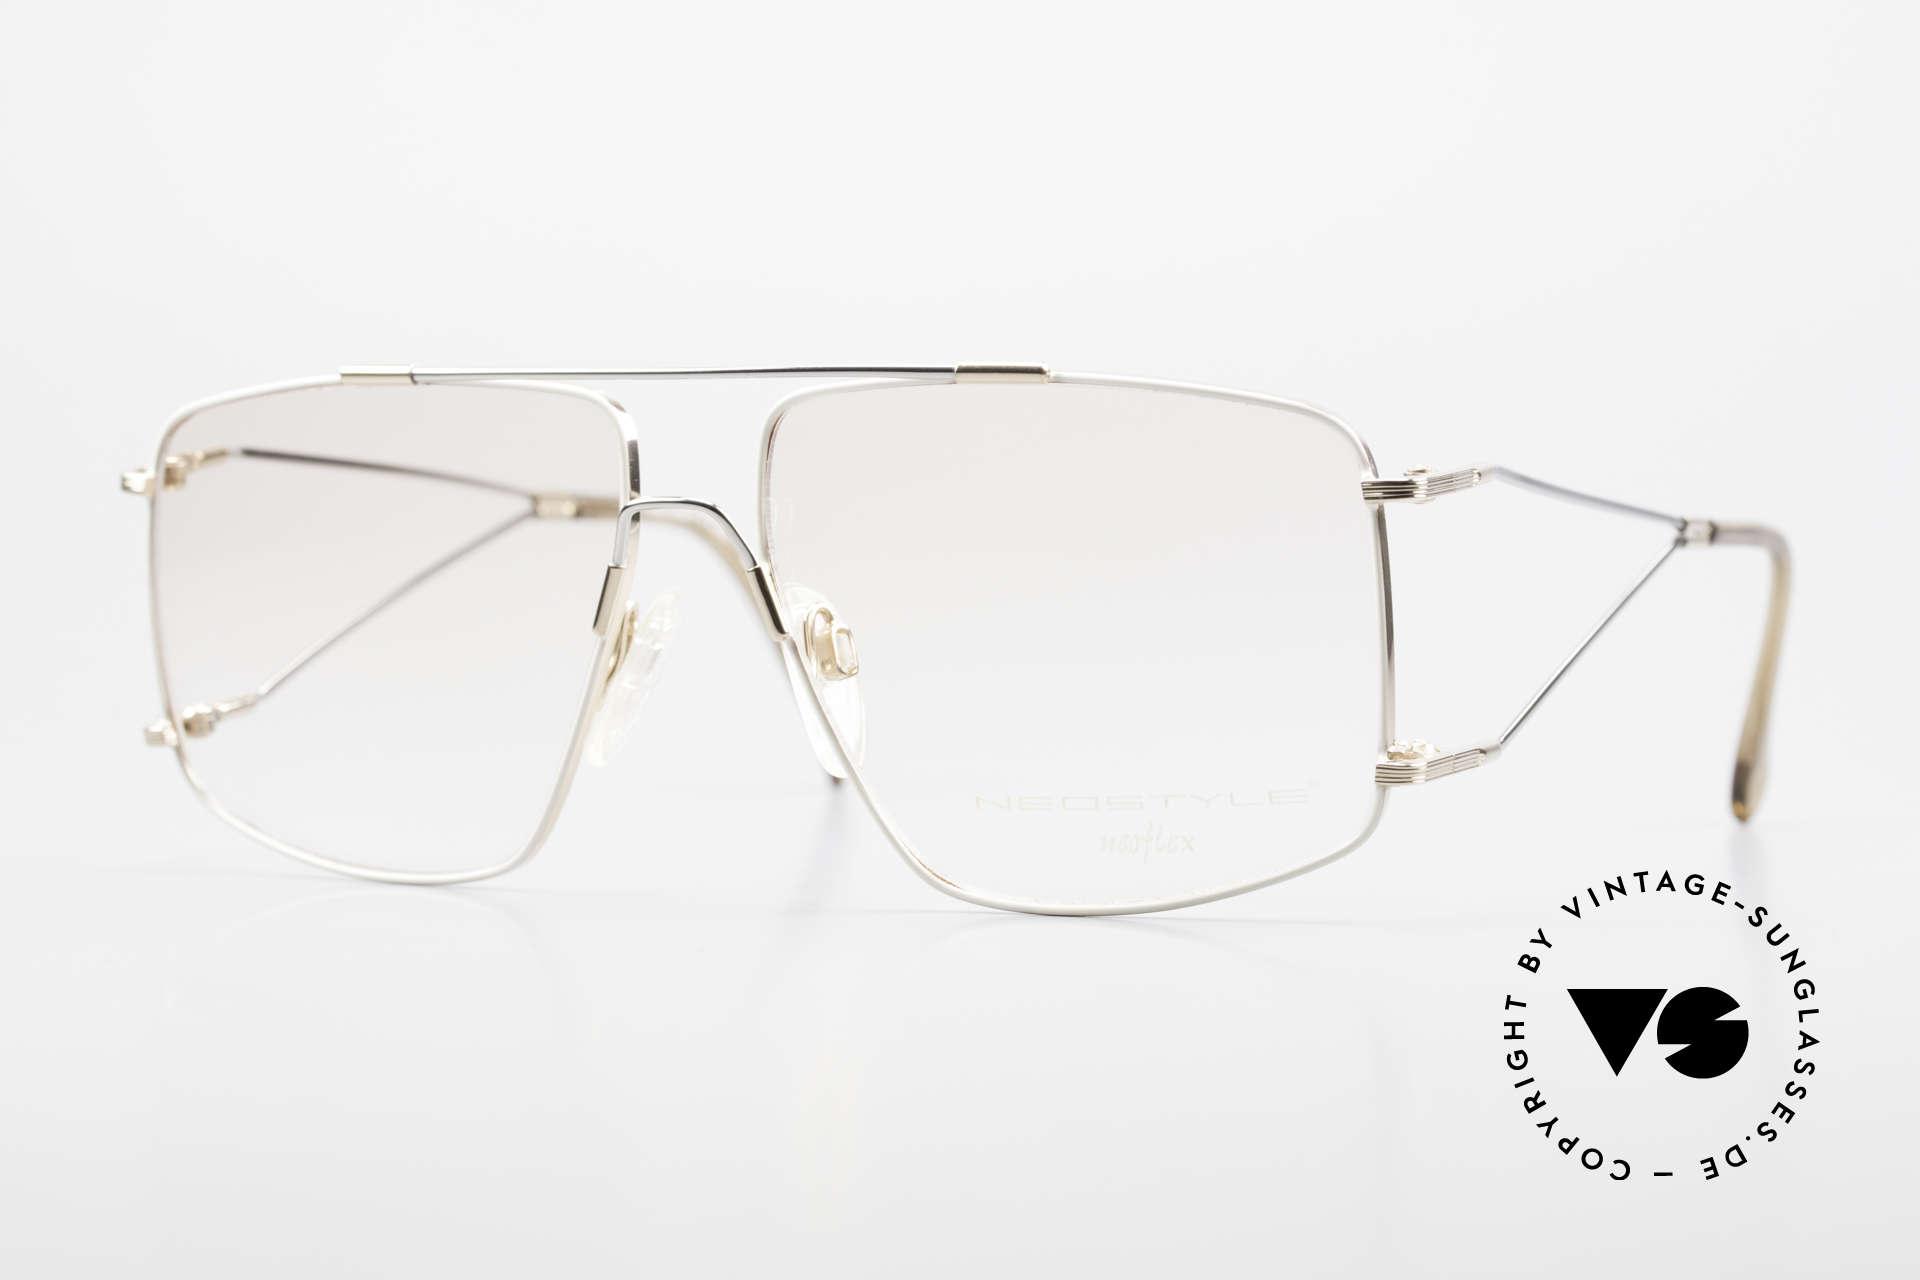 Neostyle Jet 40 Titanflex Vintage 90er Brille, sensationelle vintage NEOflex Brille von NEOSTYLE, Passend für Herren